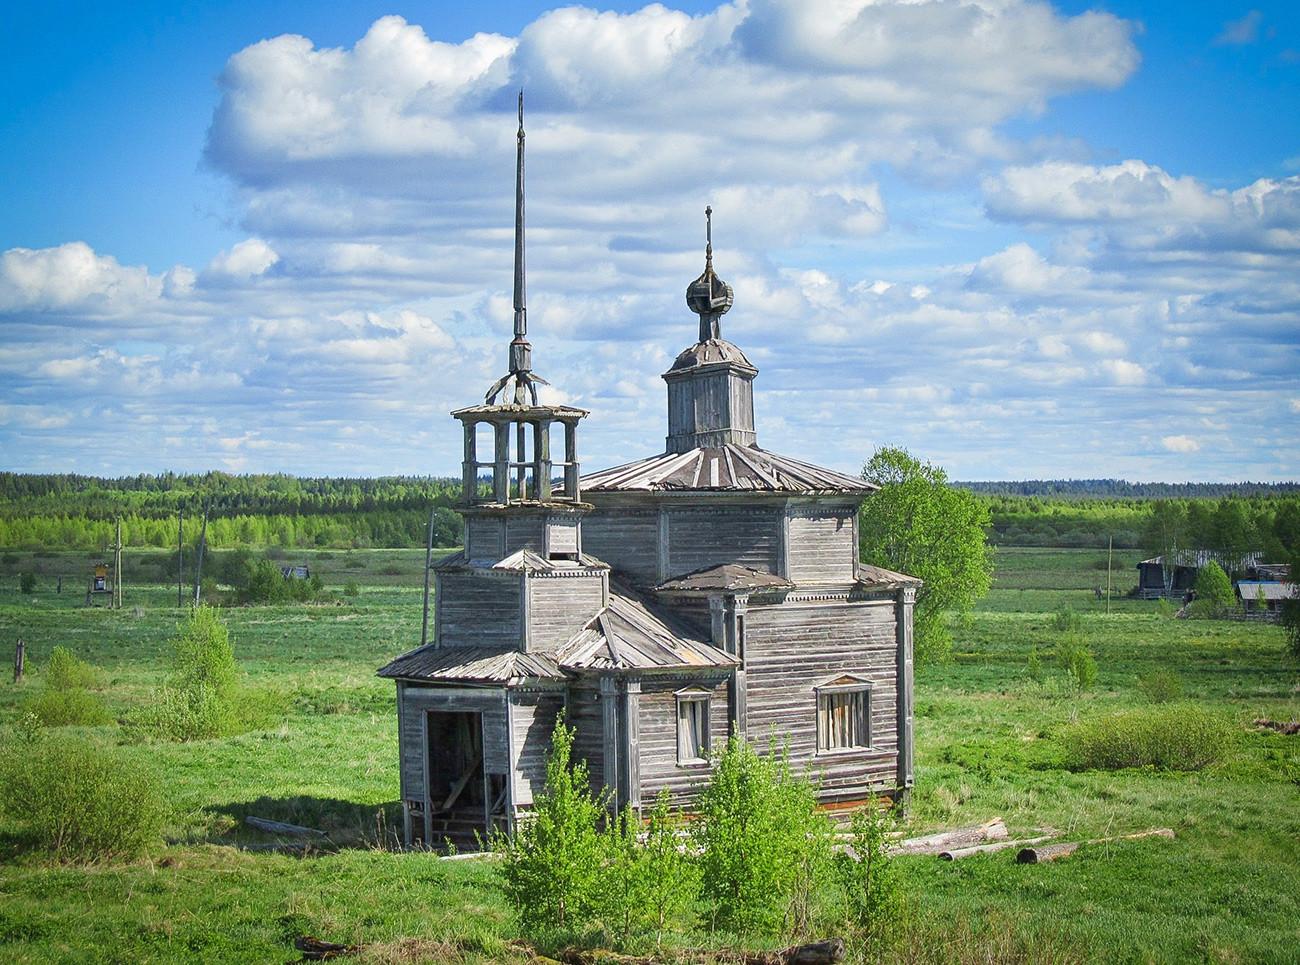 Смоленската капела во Верховје, Архангелска област